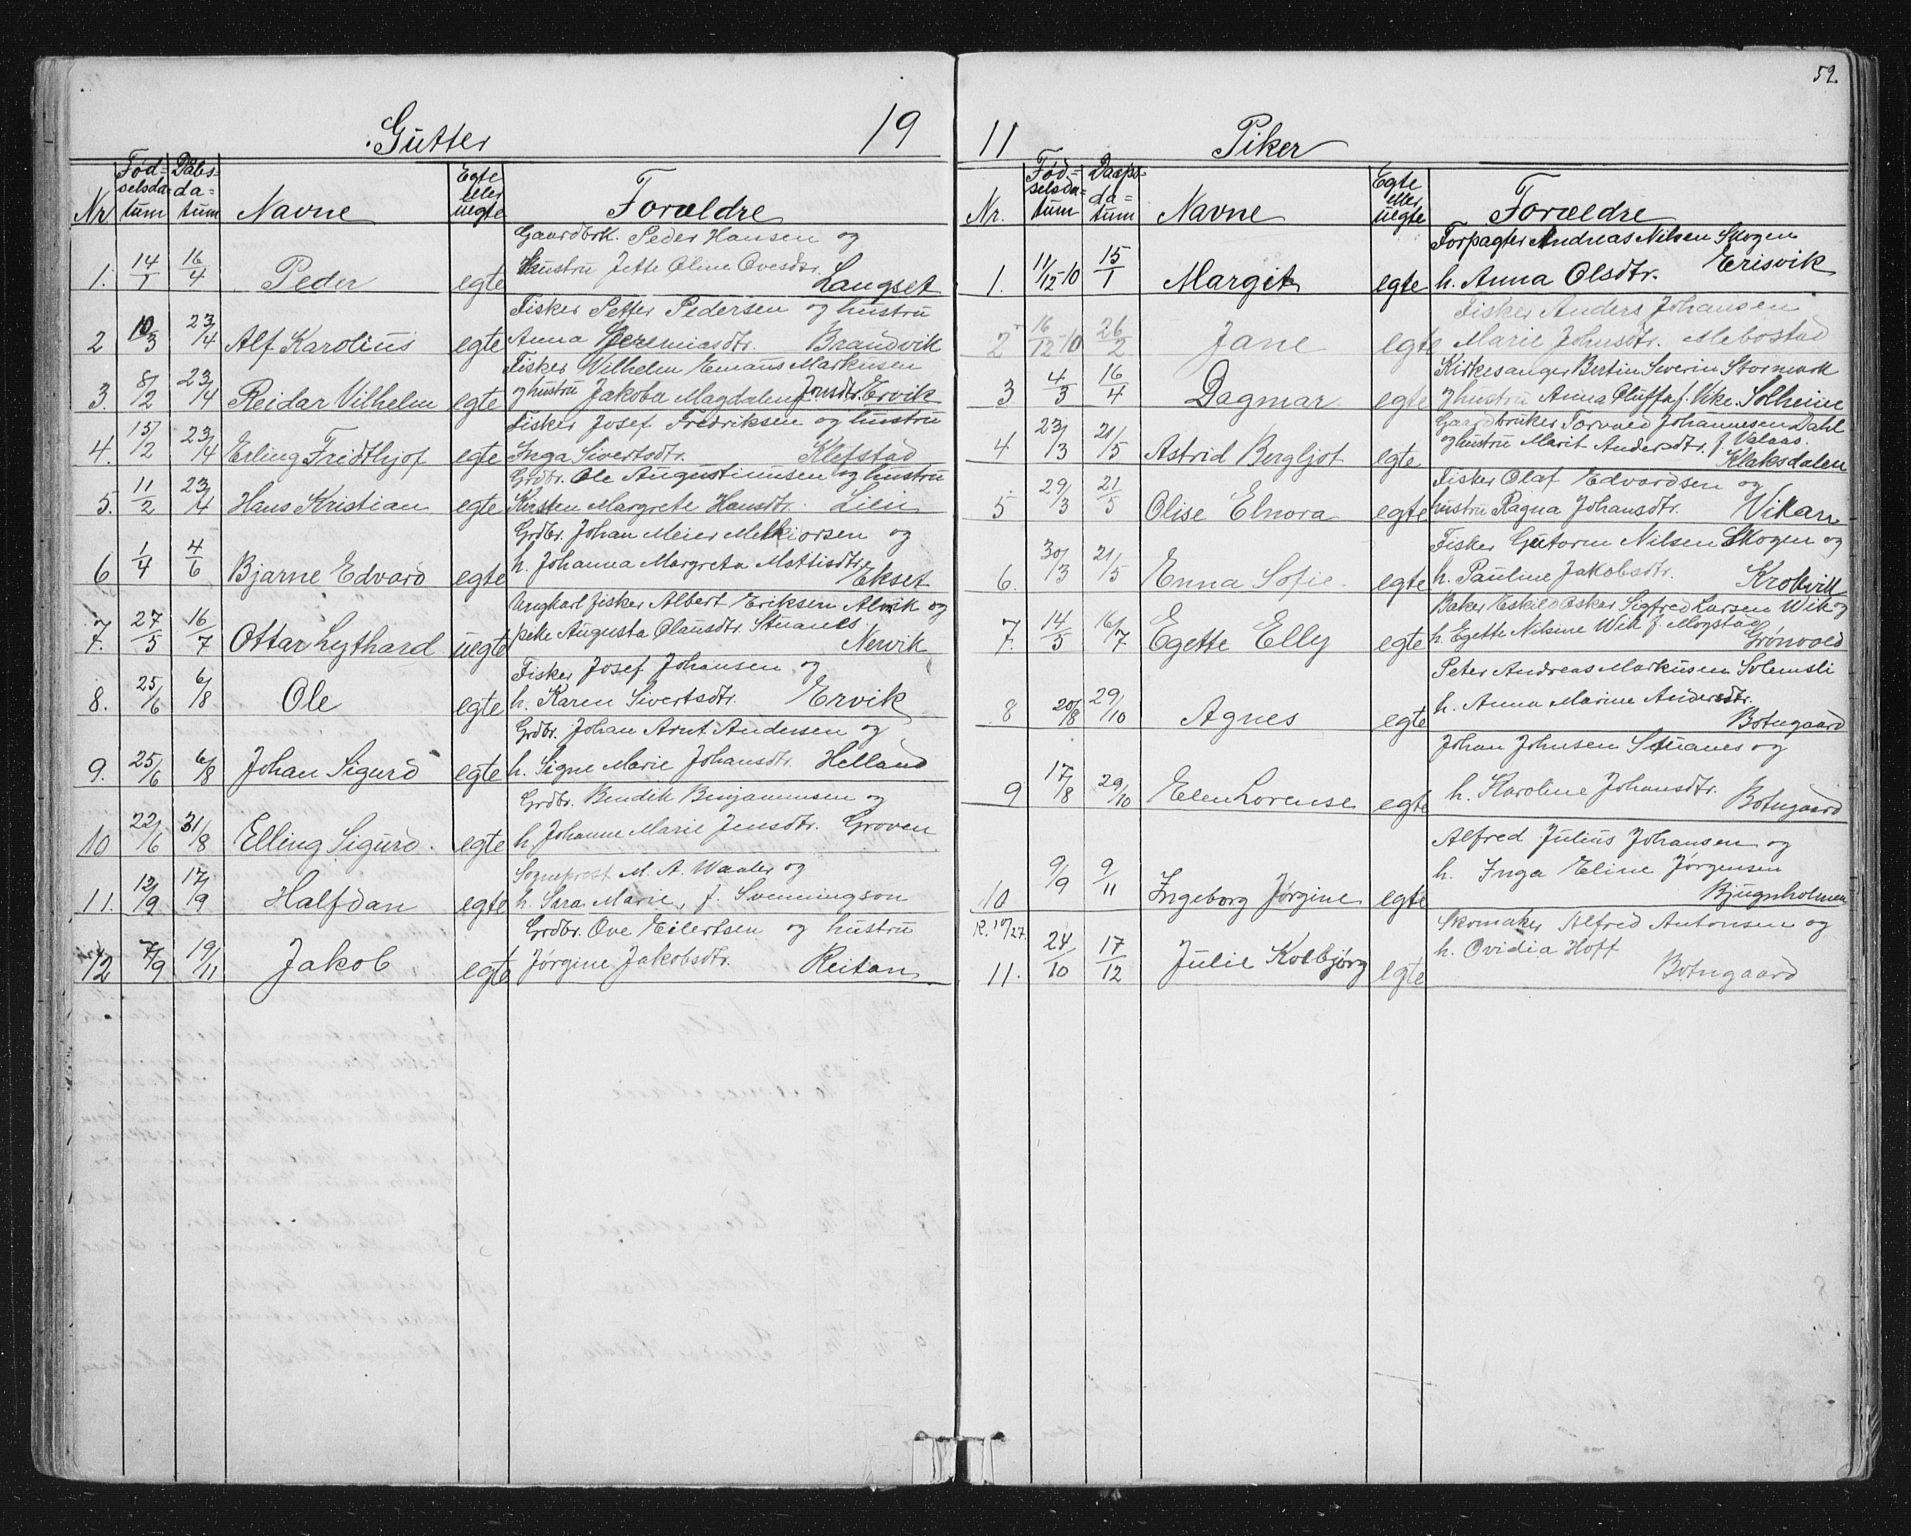 SAT, Ministerialprotokoller, klokkerbøker og fødselsregistre - Sør-Trøndelag, 651/L0647: Klokkerbok nr. 651C01, 1866-1914, s. 52